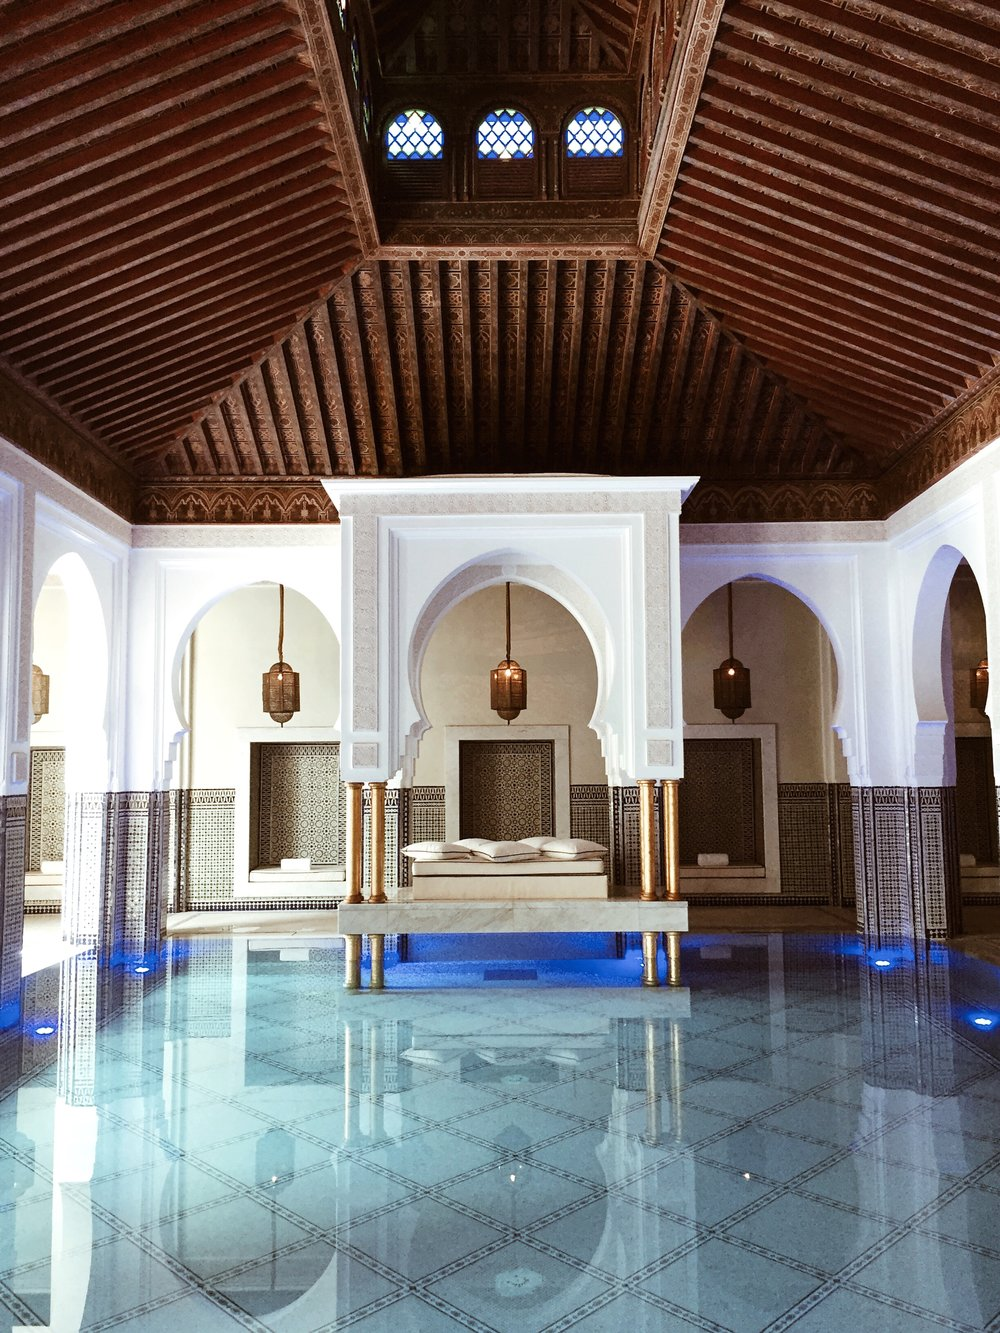 La Mamounia, Morocco